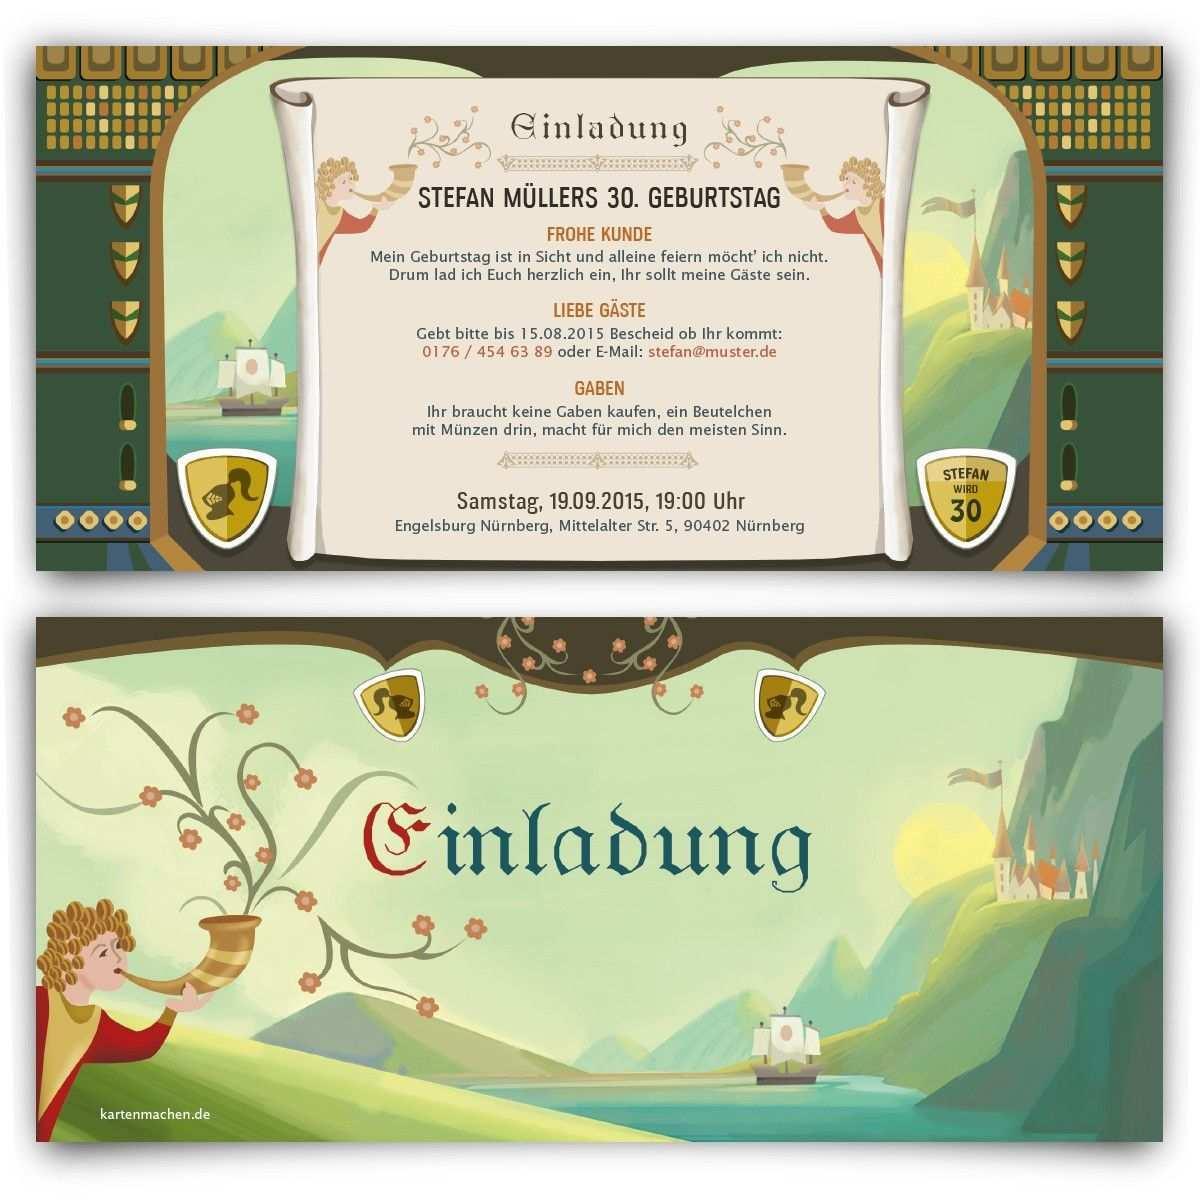 Einladungskarten Mittelalter Geburtstag Einladung Geburtstagseinladung Birthday Invitation Mittela Hochzeitseinladung Einladungen Herzliche Gratulation